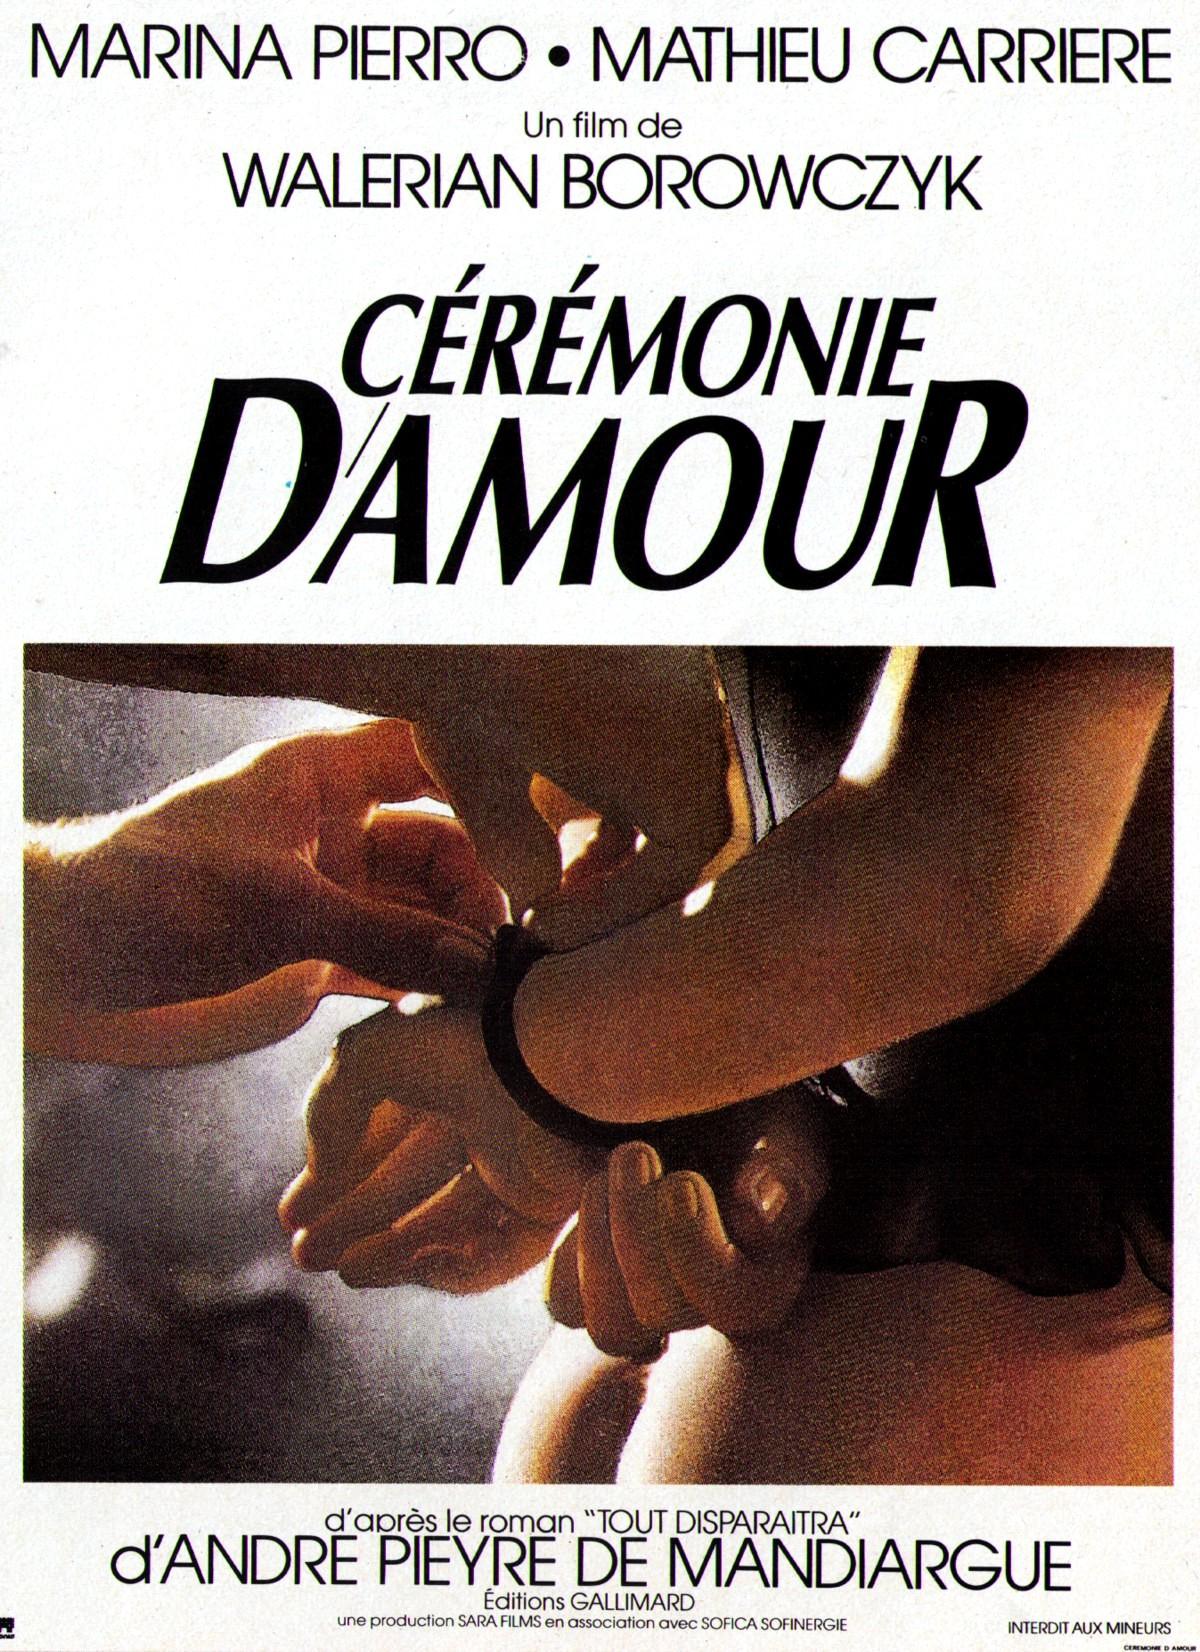 Cérémonie d'amour (1987)